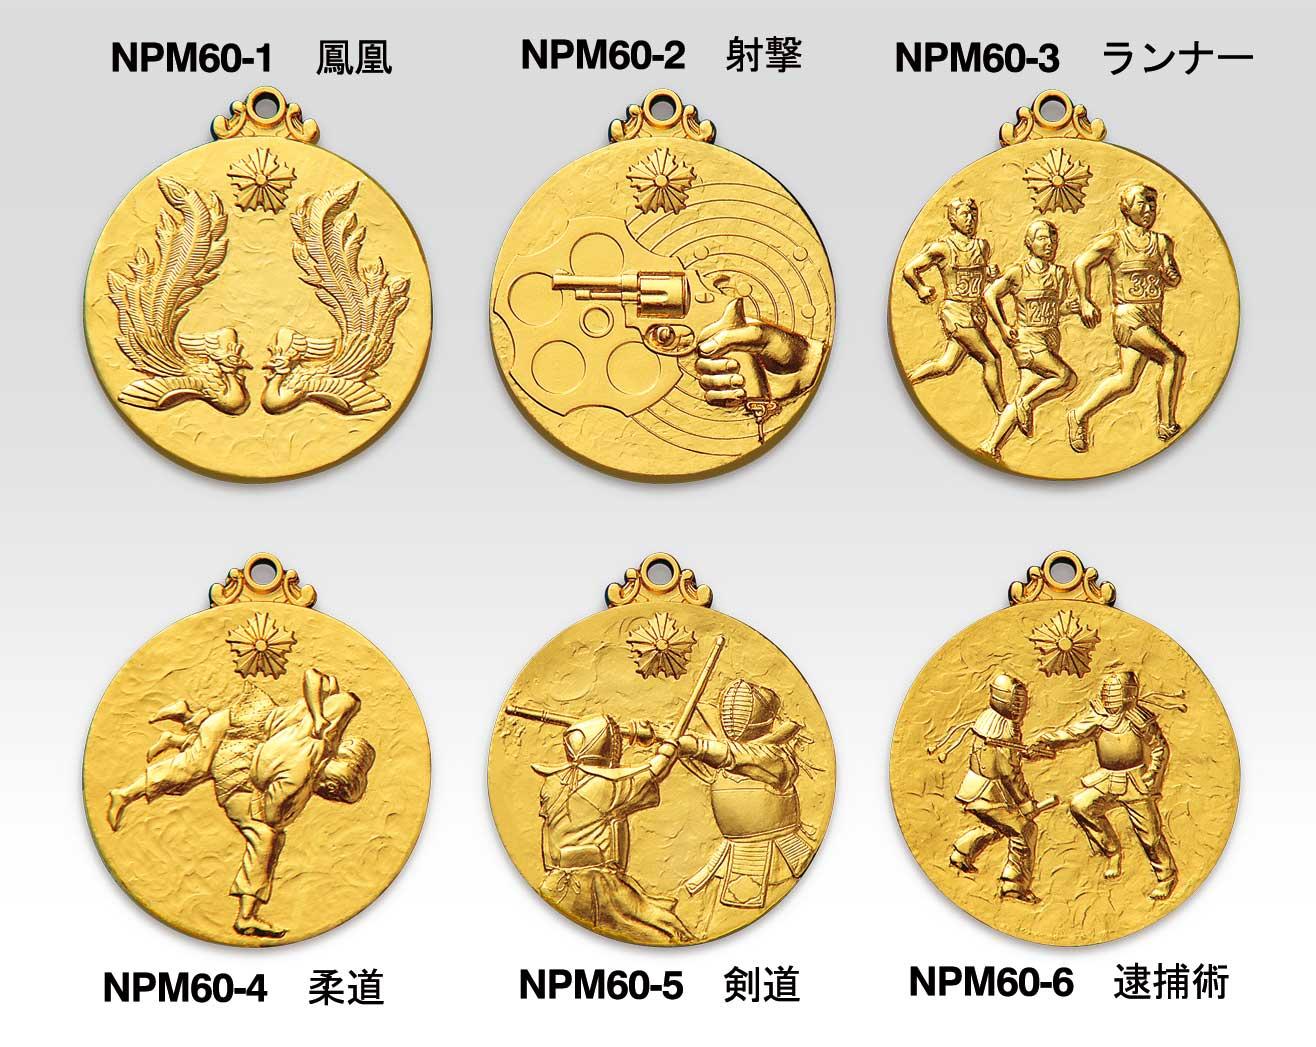 NPM-60 メダル一覧